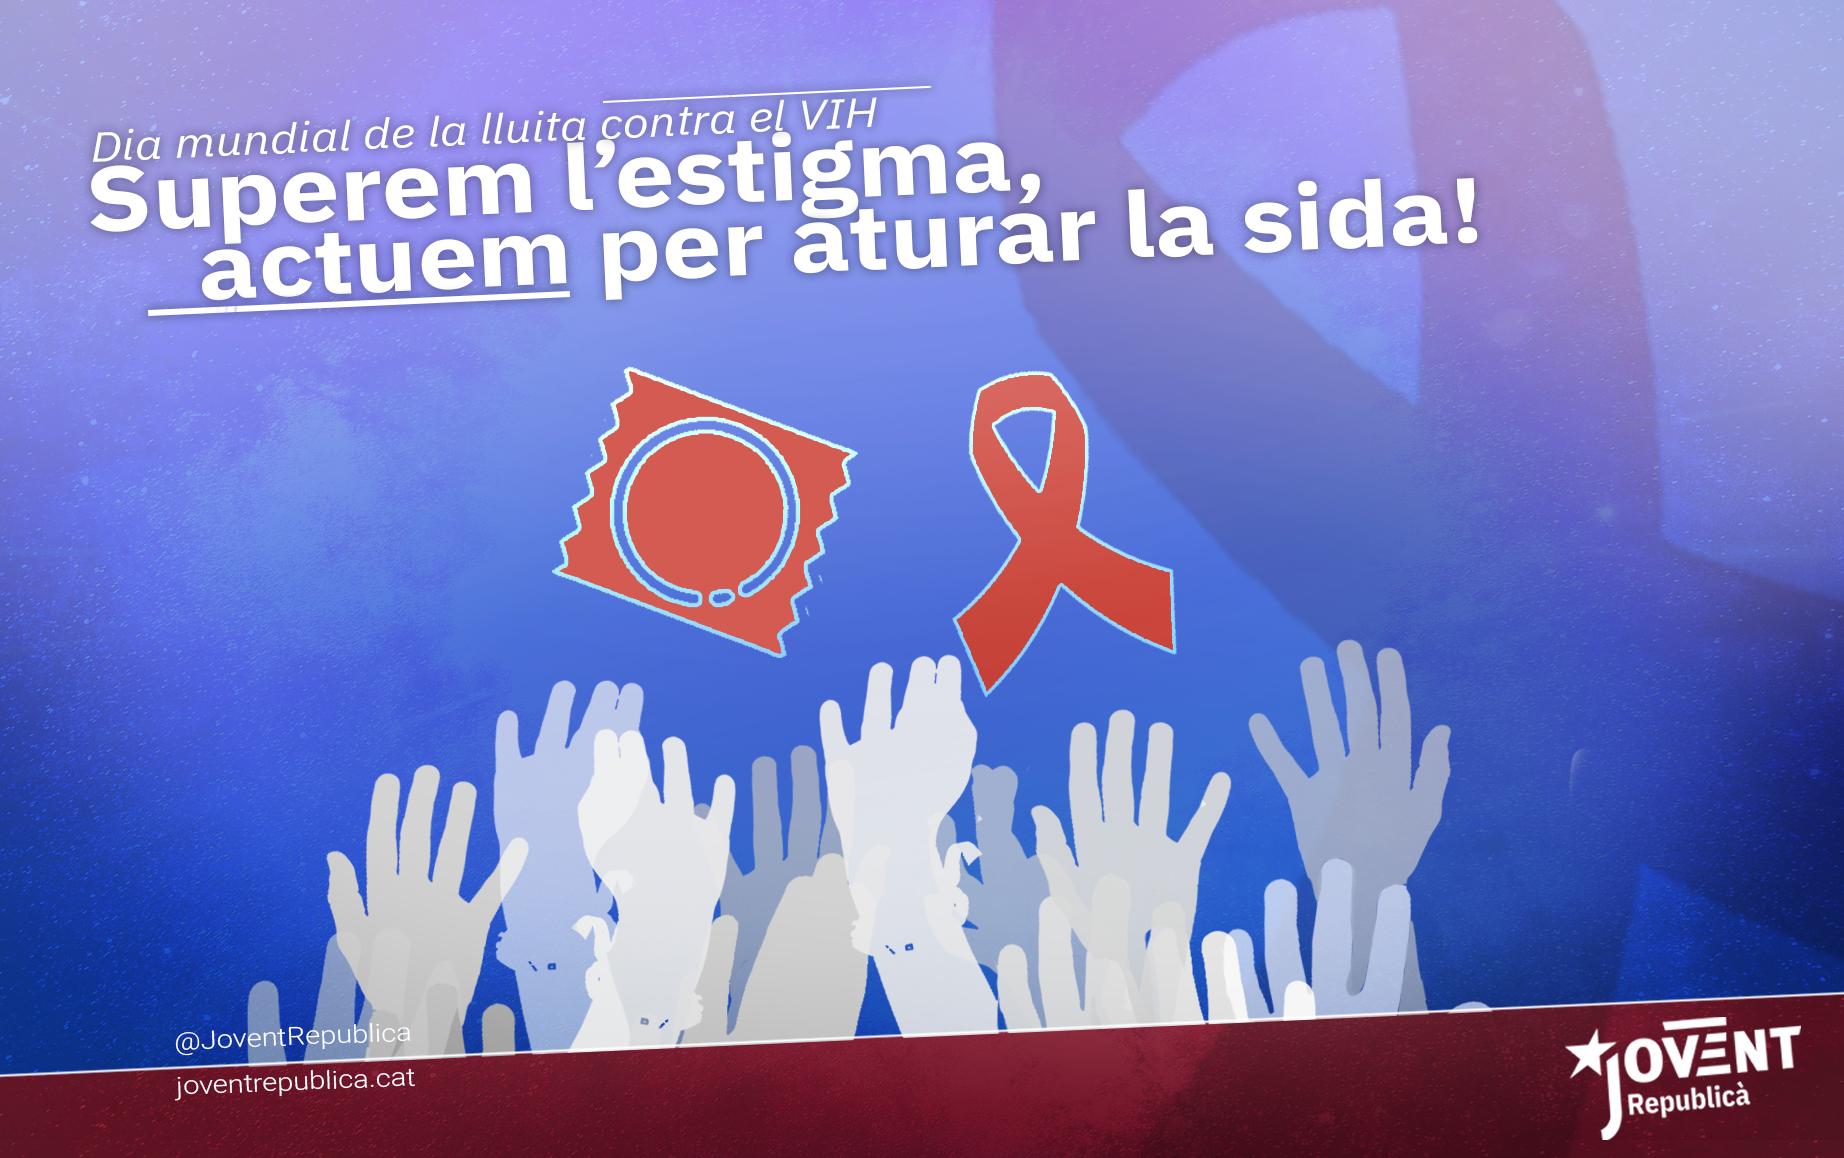 Actuar contra la SIDA és responsabilitat de tots.